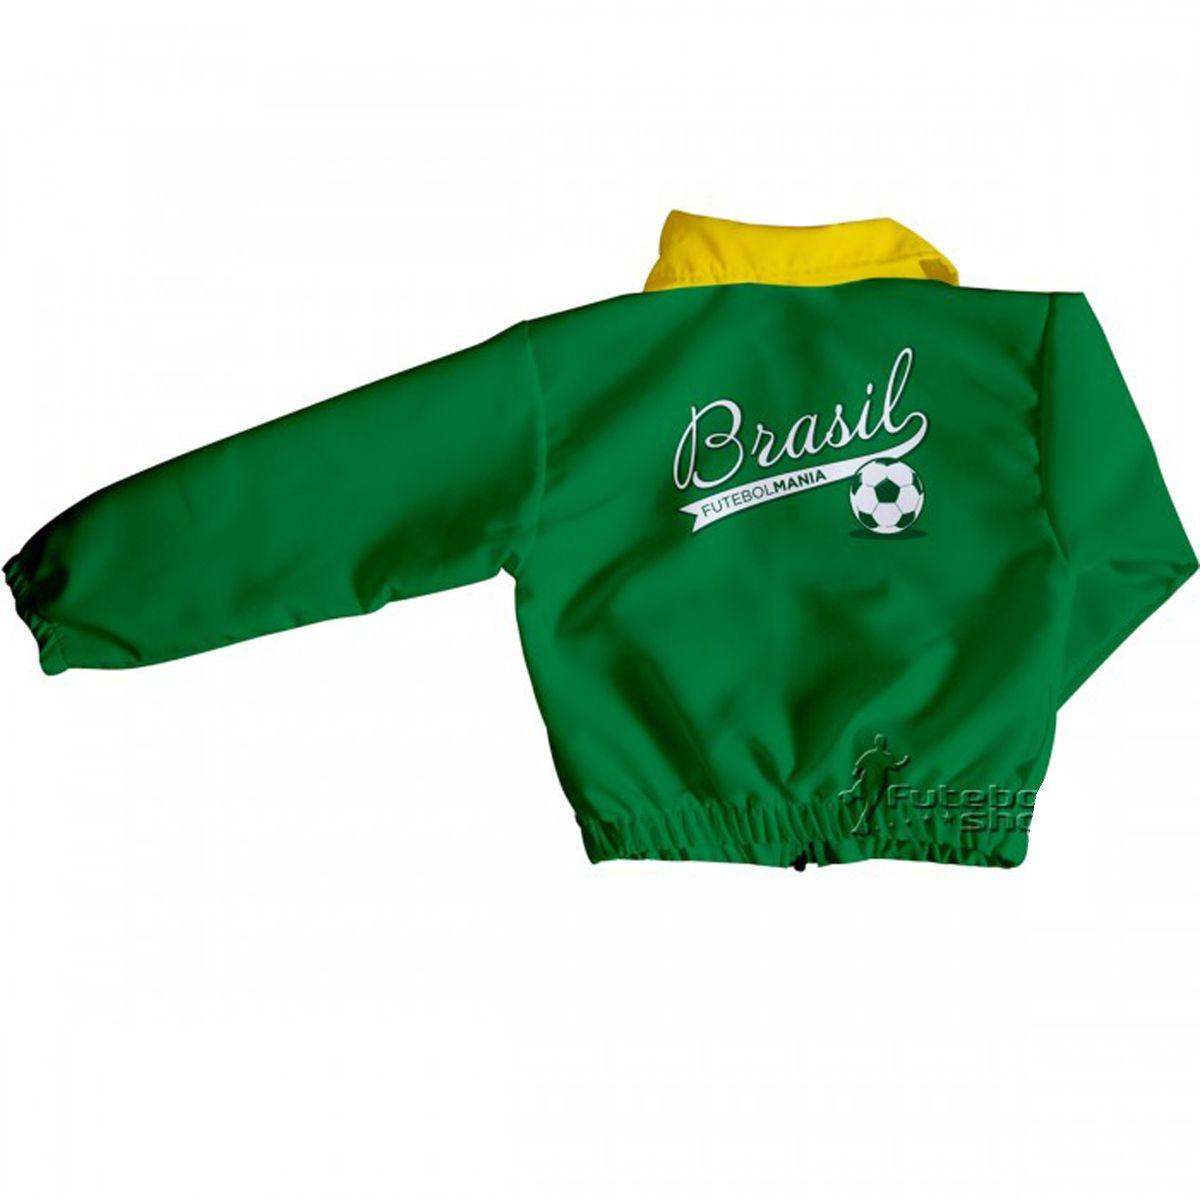 Jaqueta Infantil do Brasil Futebol Mania - 256A